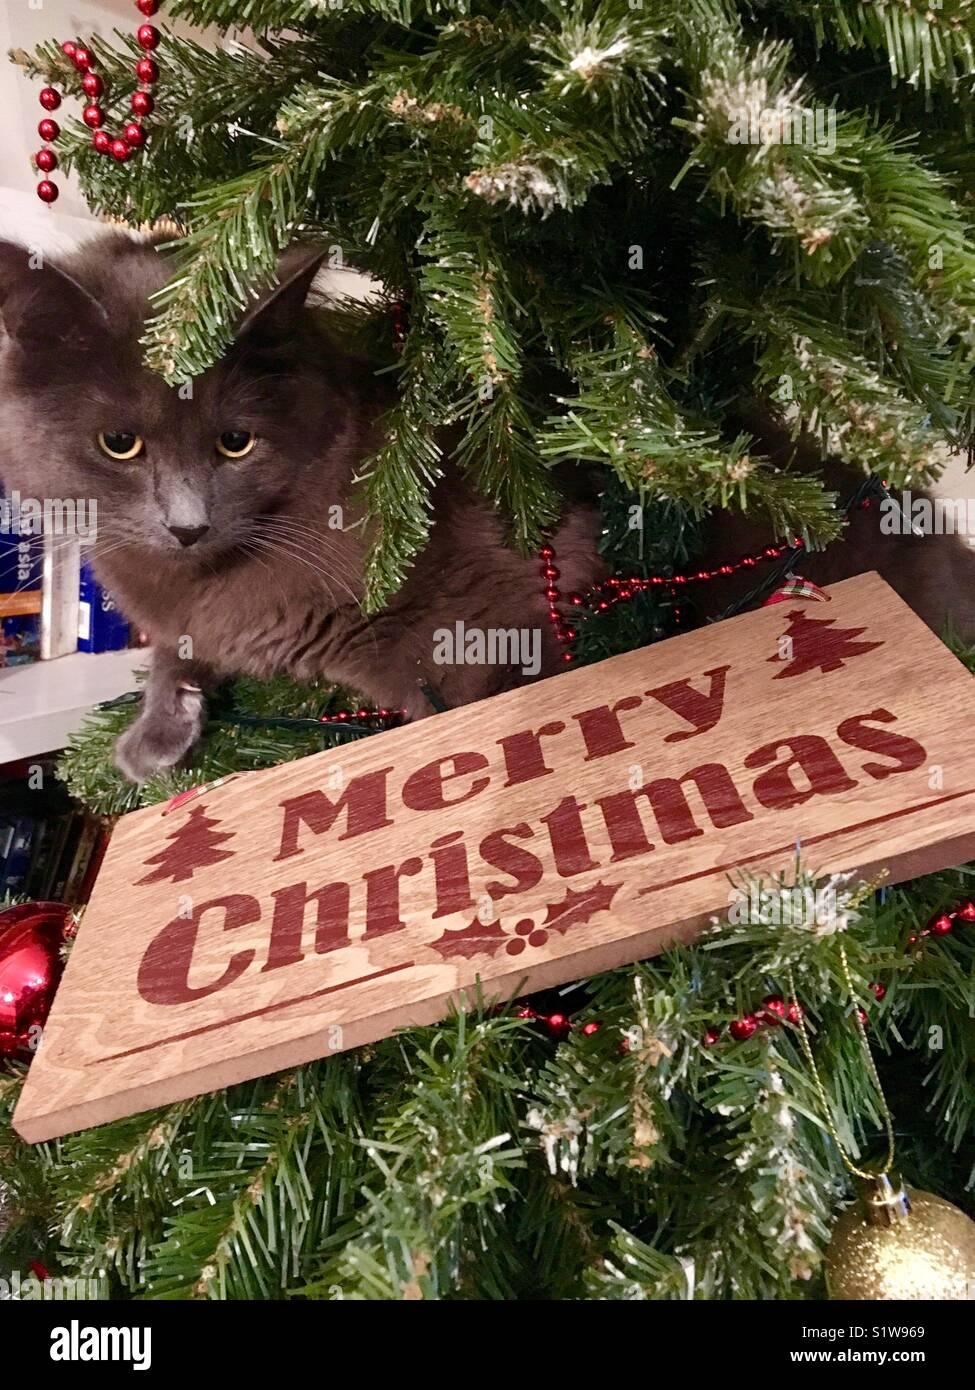 Frohe Weihnachten Katze.Graue Katze In Weihnachtsbaum Mit Frohe Weihnachten Anmelden